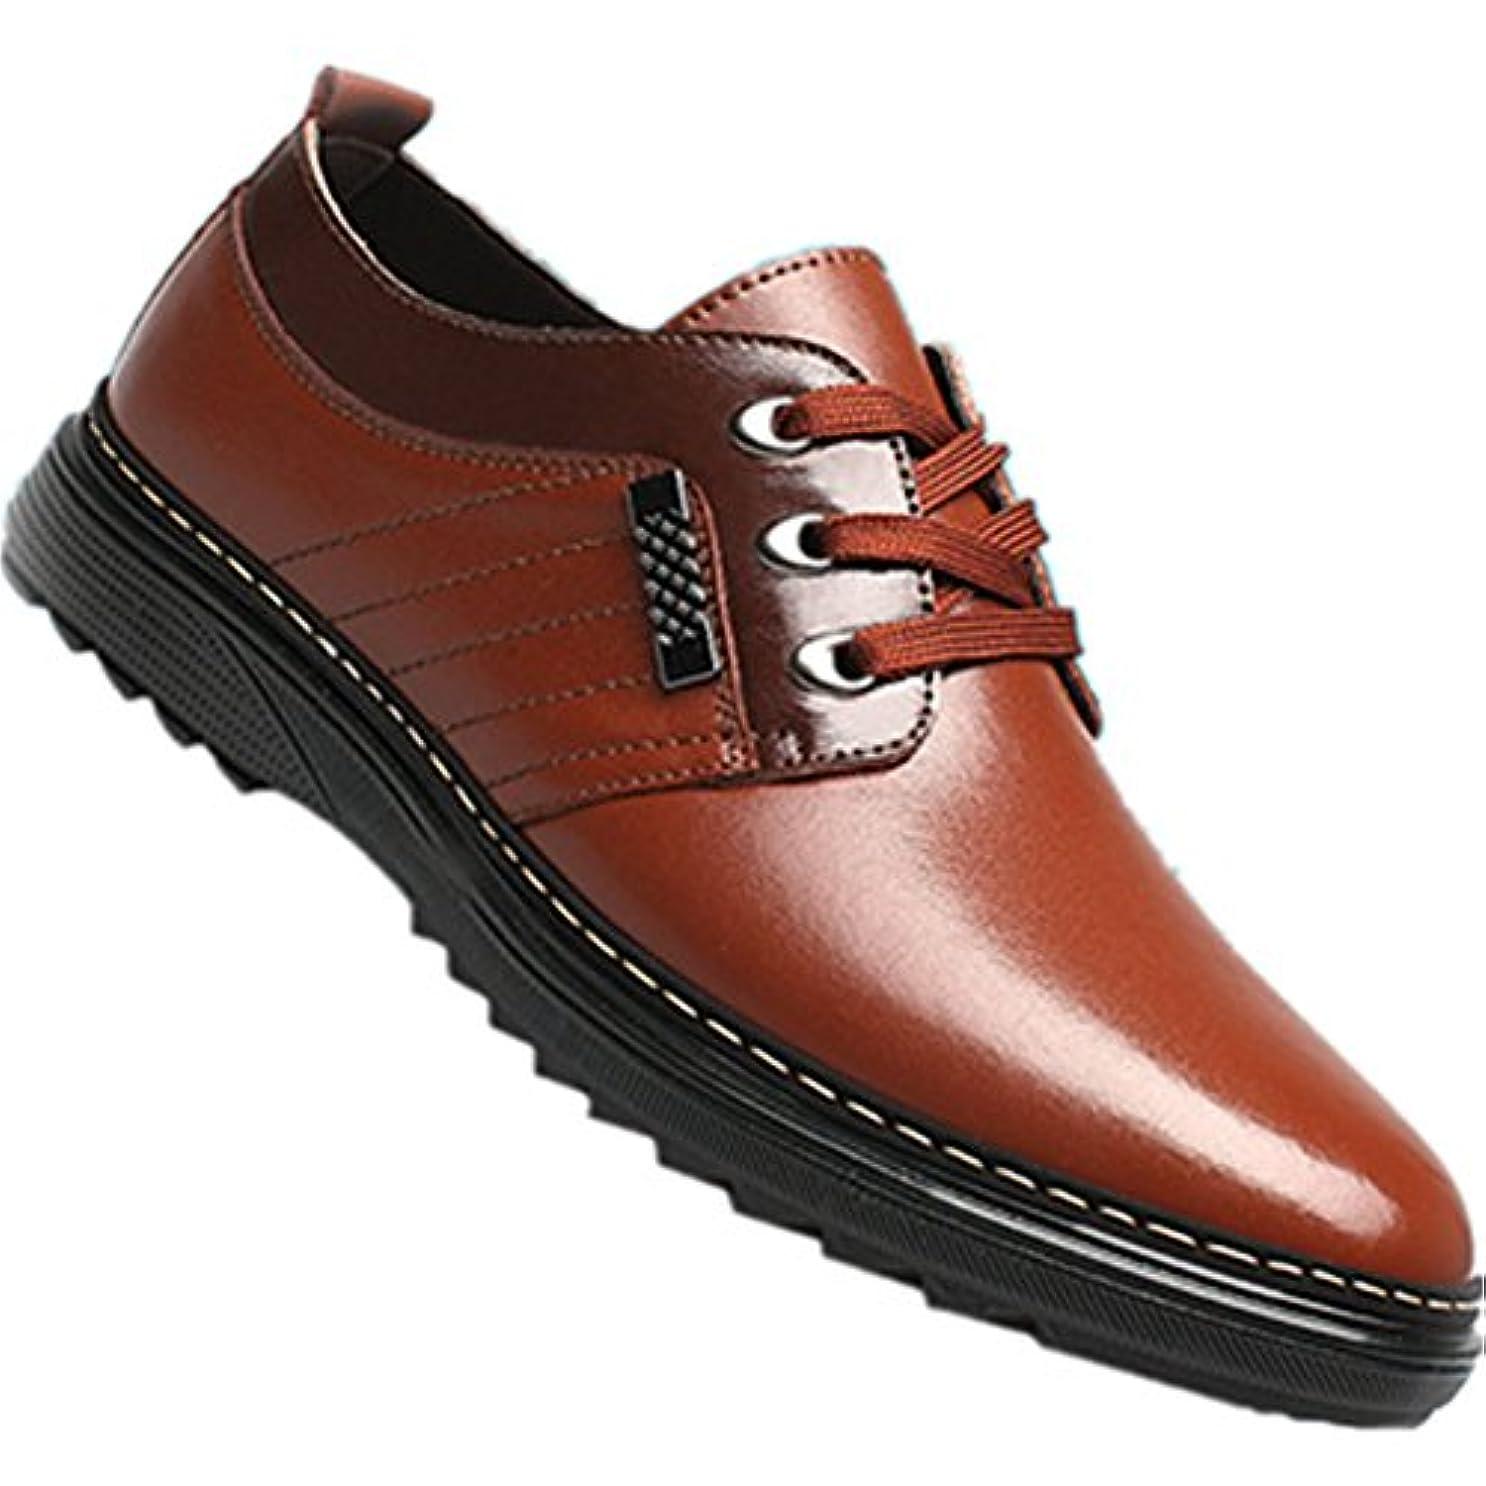 ぼろ元気なパキスタンRabiya カジュアルシューズ メンズ ビジネスシューズ レザーシューズ オフィス レースアップシューズ 紳士靴 アウトドアシューズ ドレスシューズ (25.5)